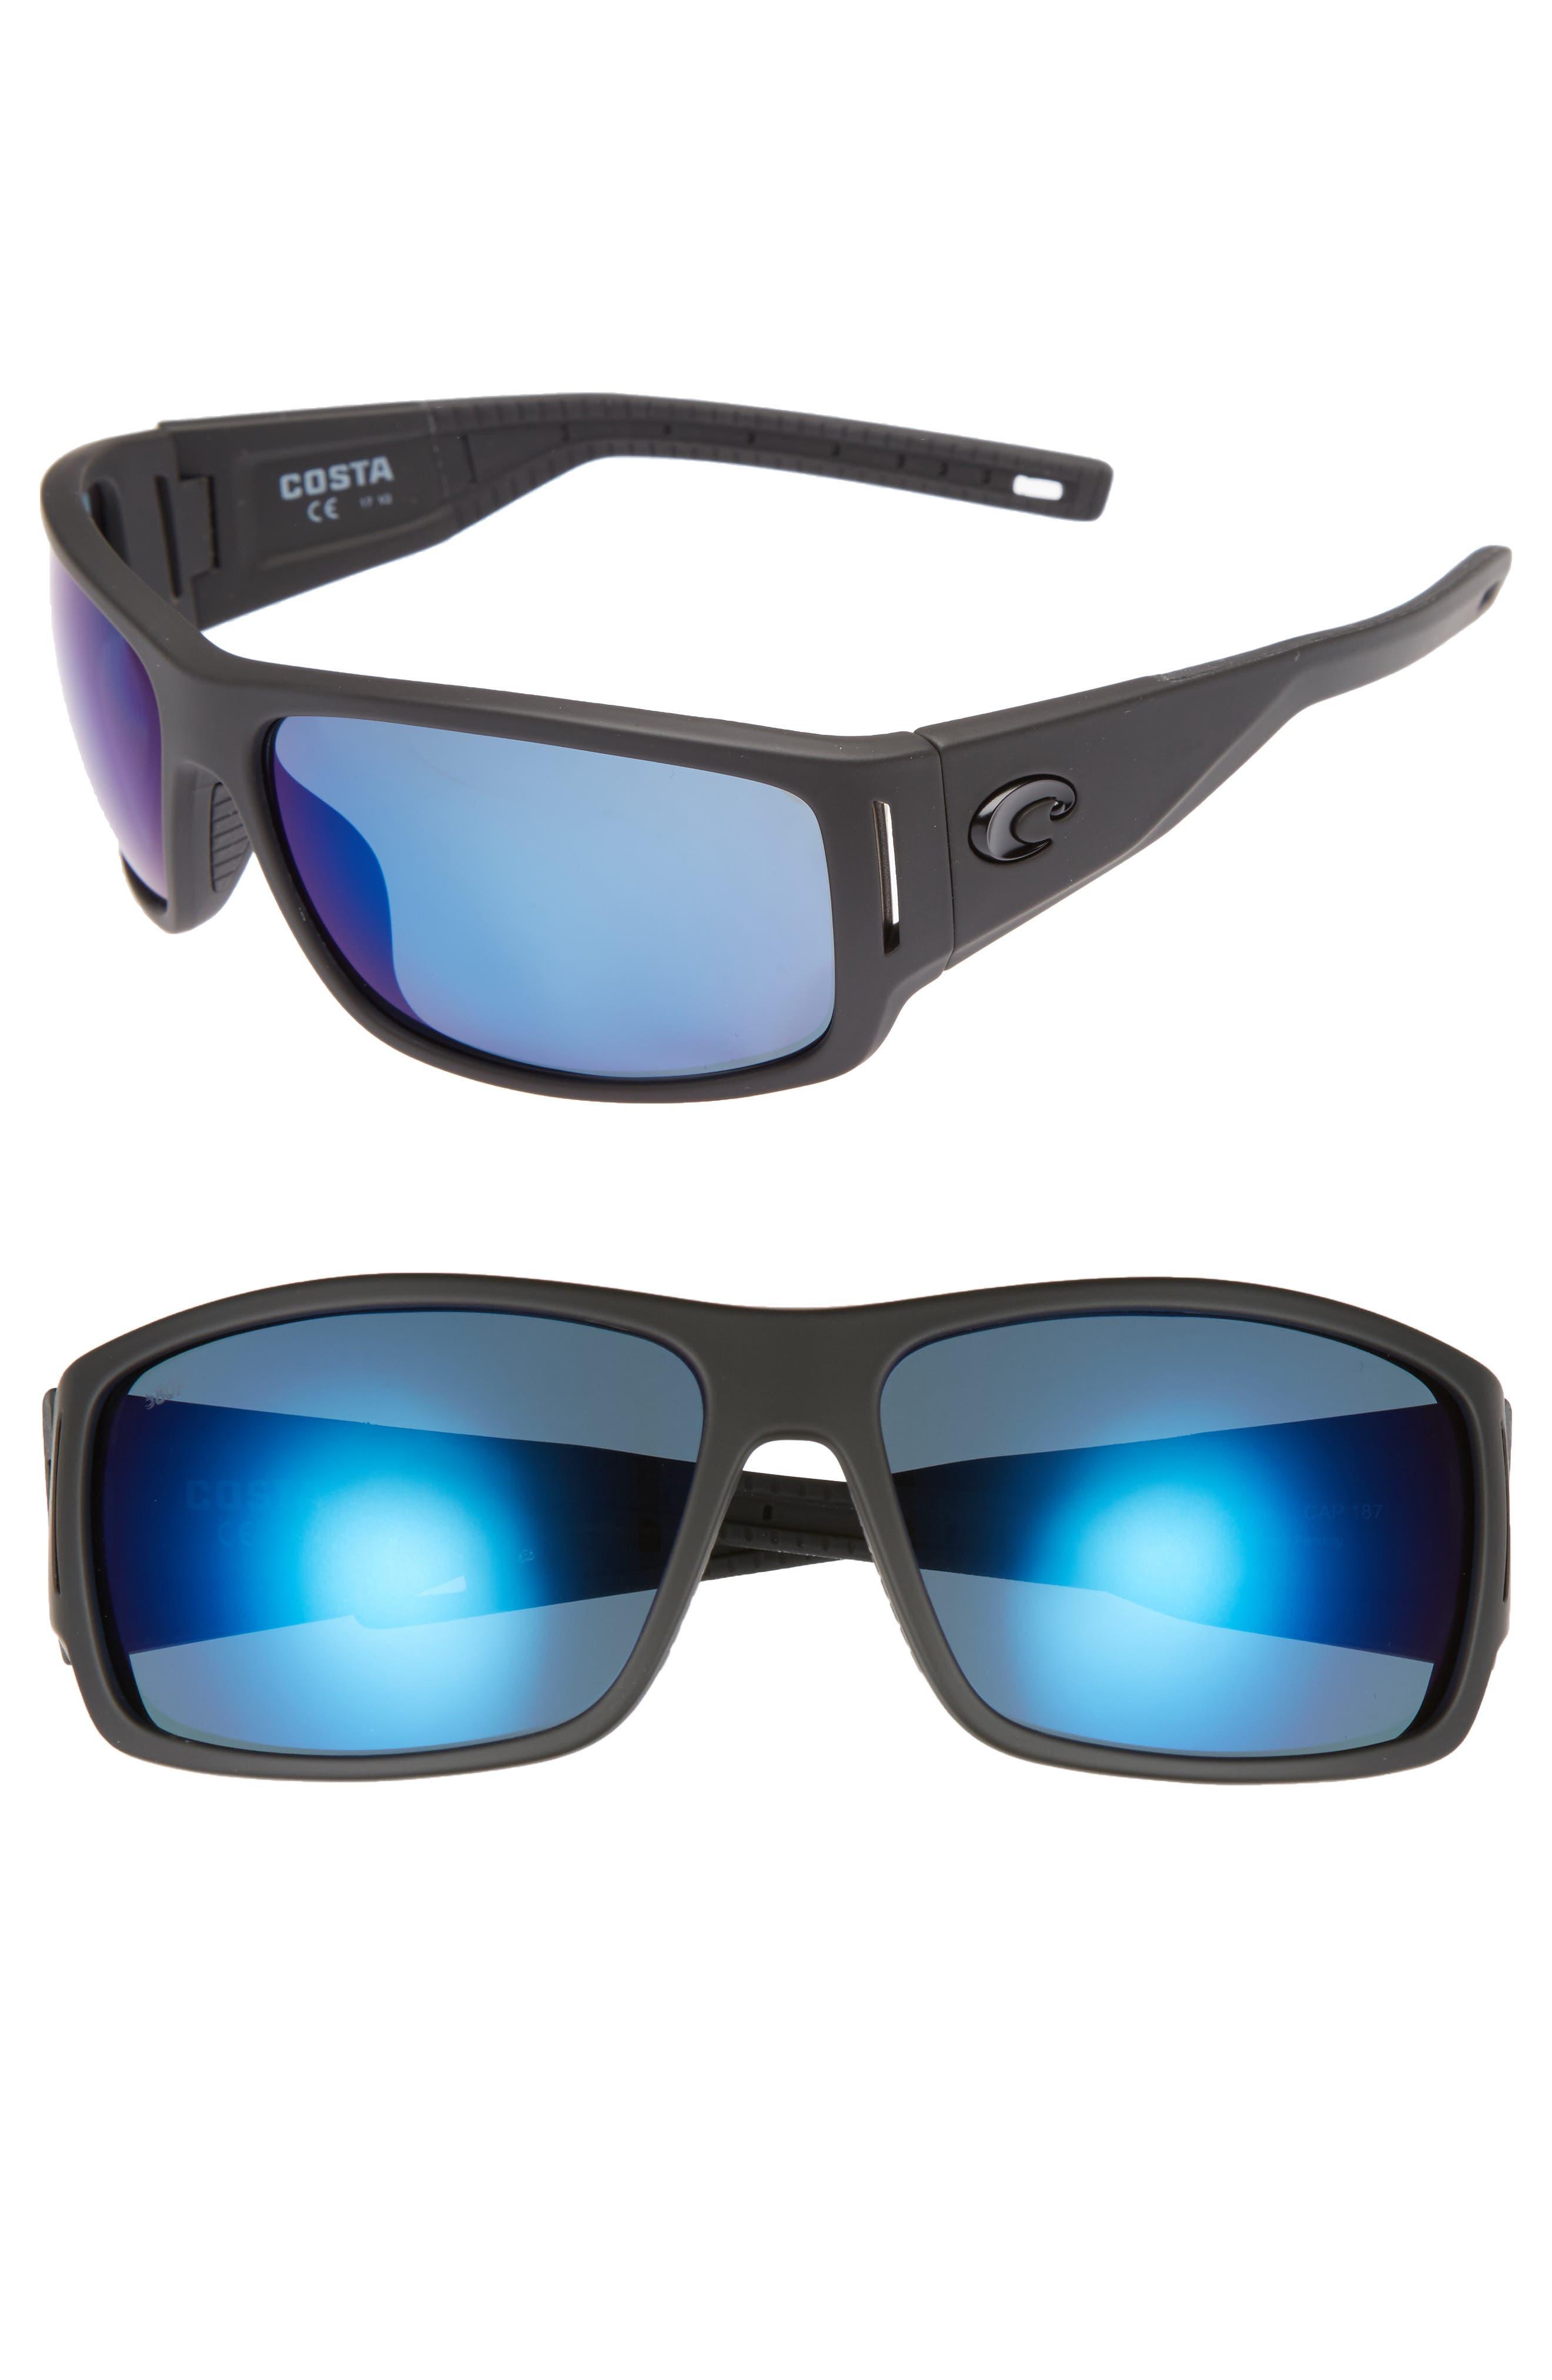 Cape 68mm Polarized Sunglasses,                         Main,                         color, Matte Black/ Blue Mirror